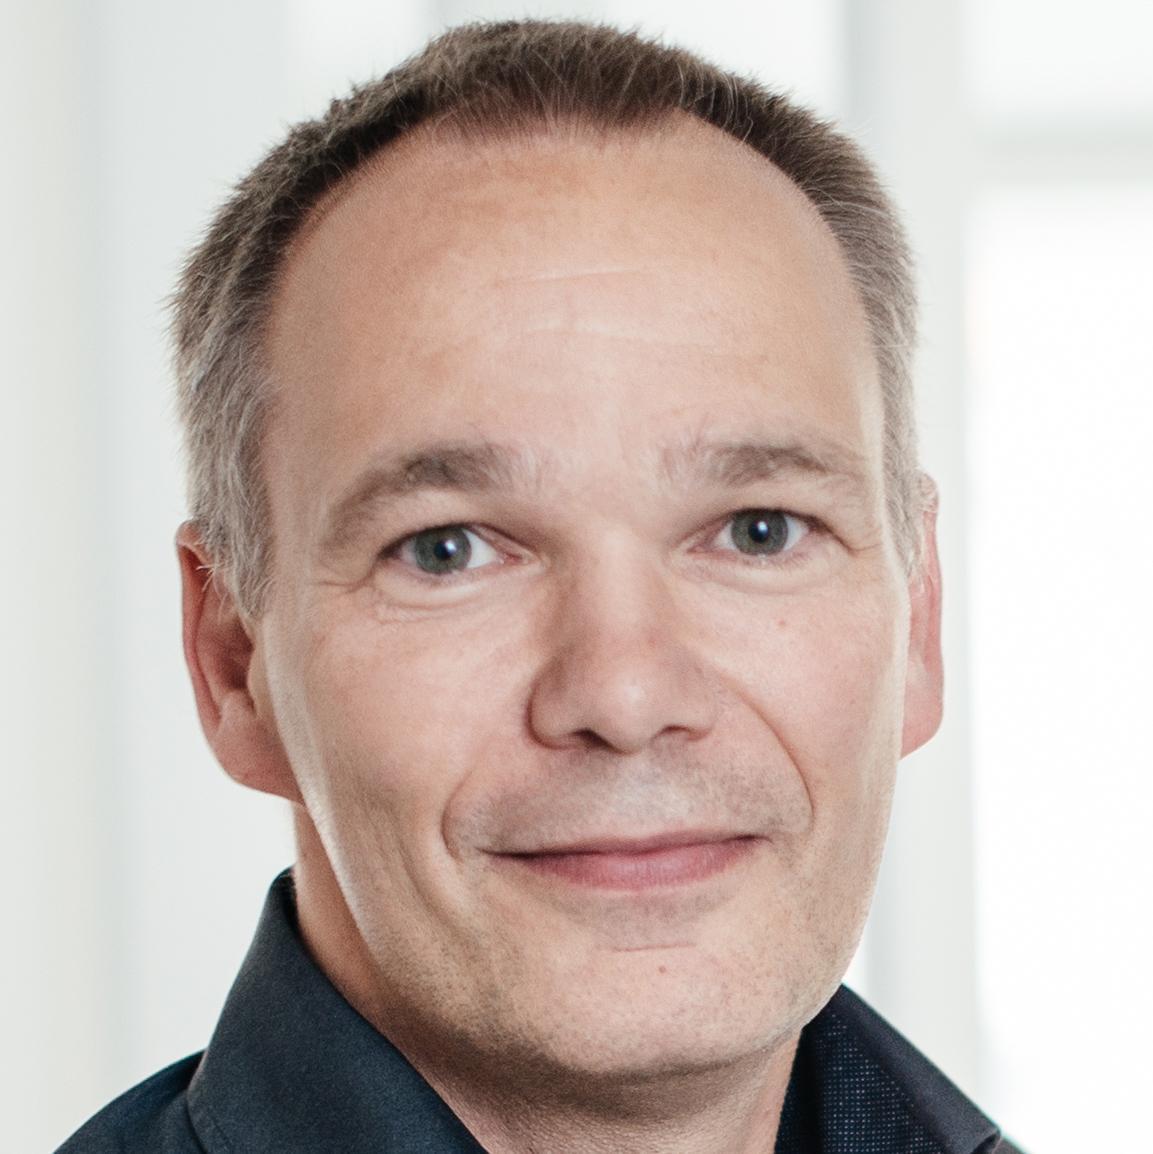 Ingo Lierheimer